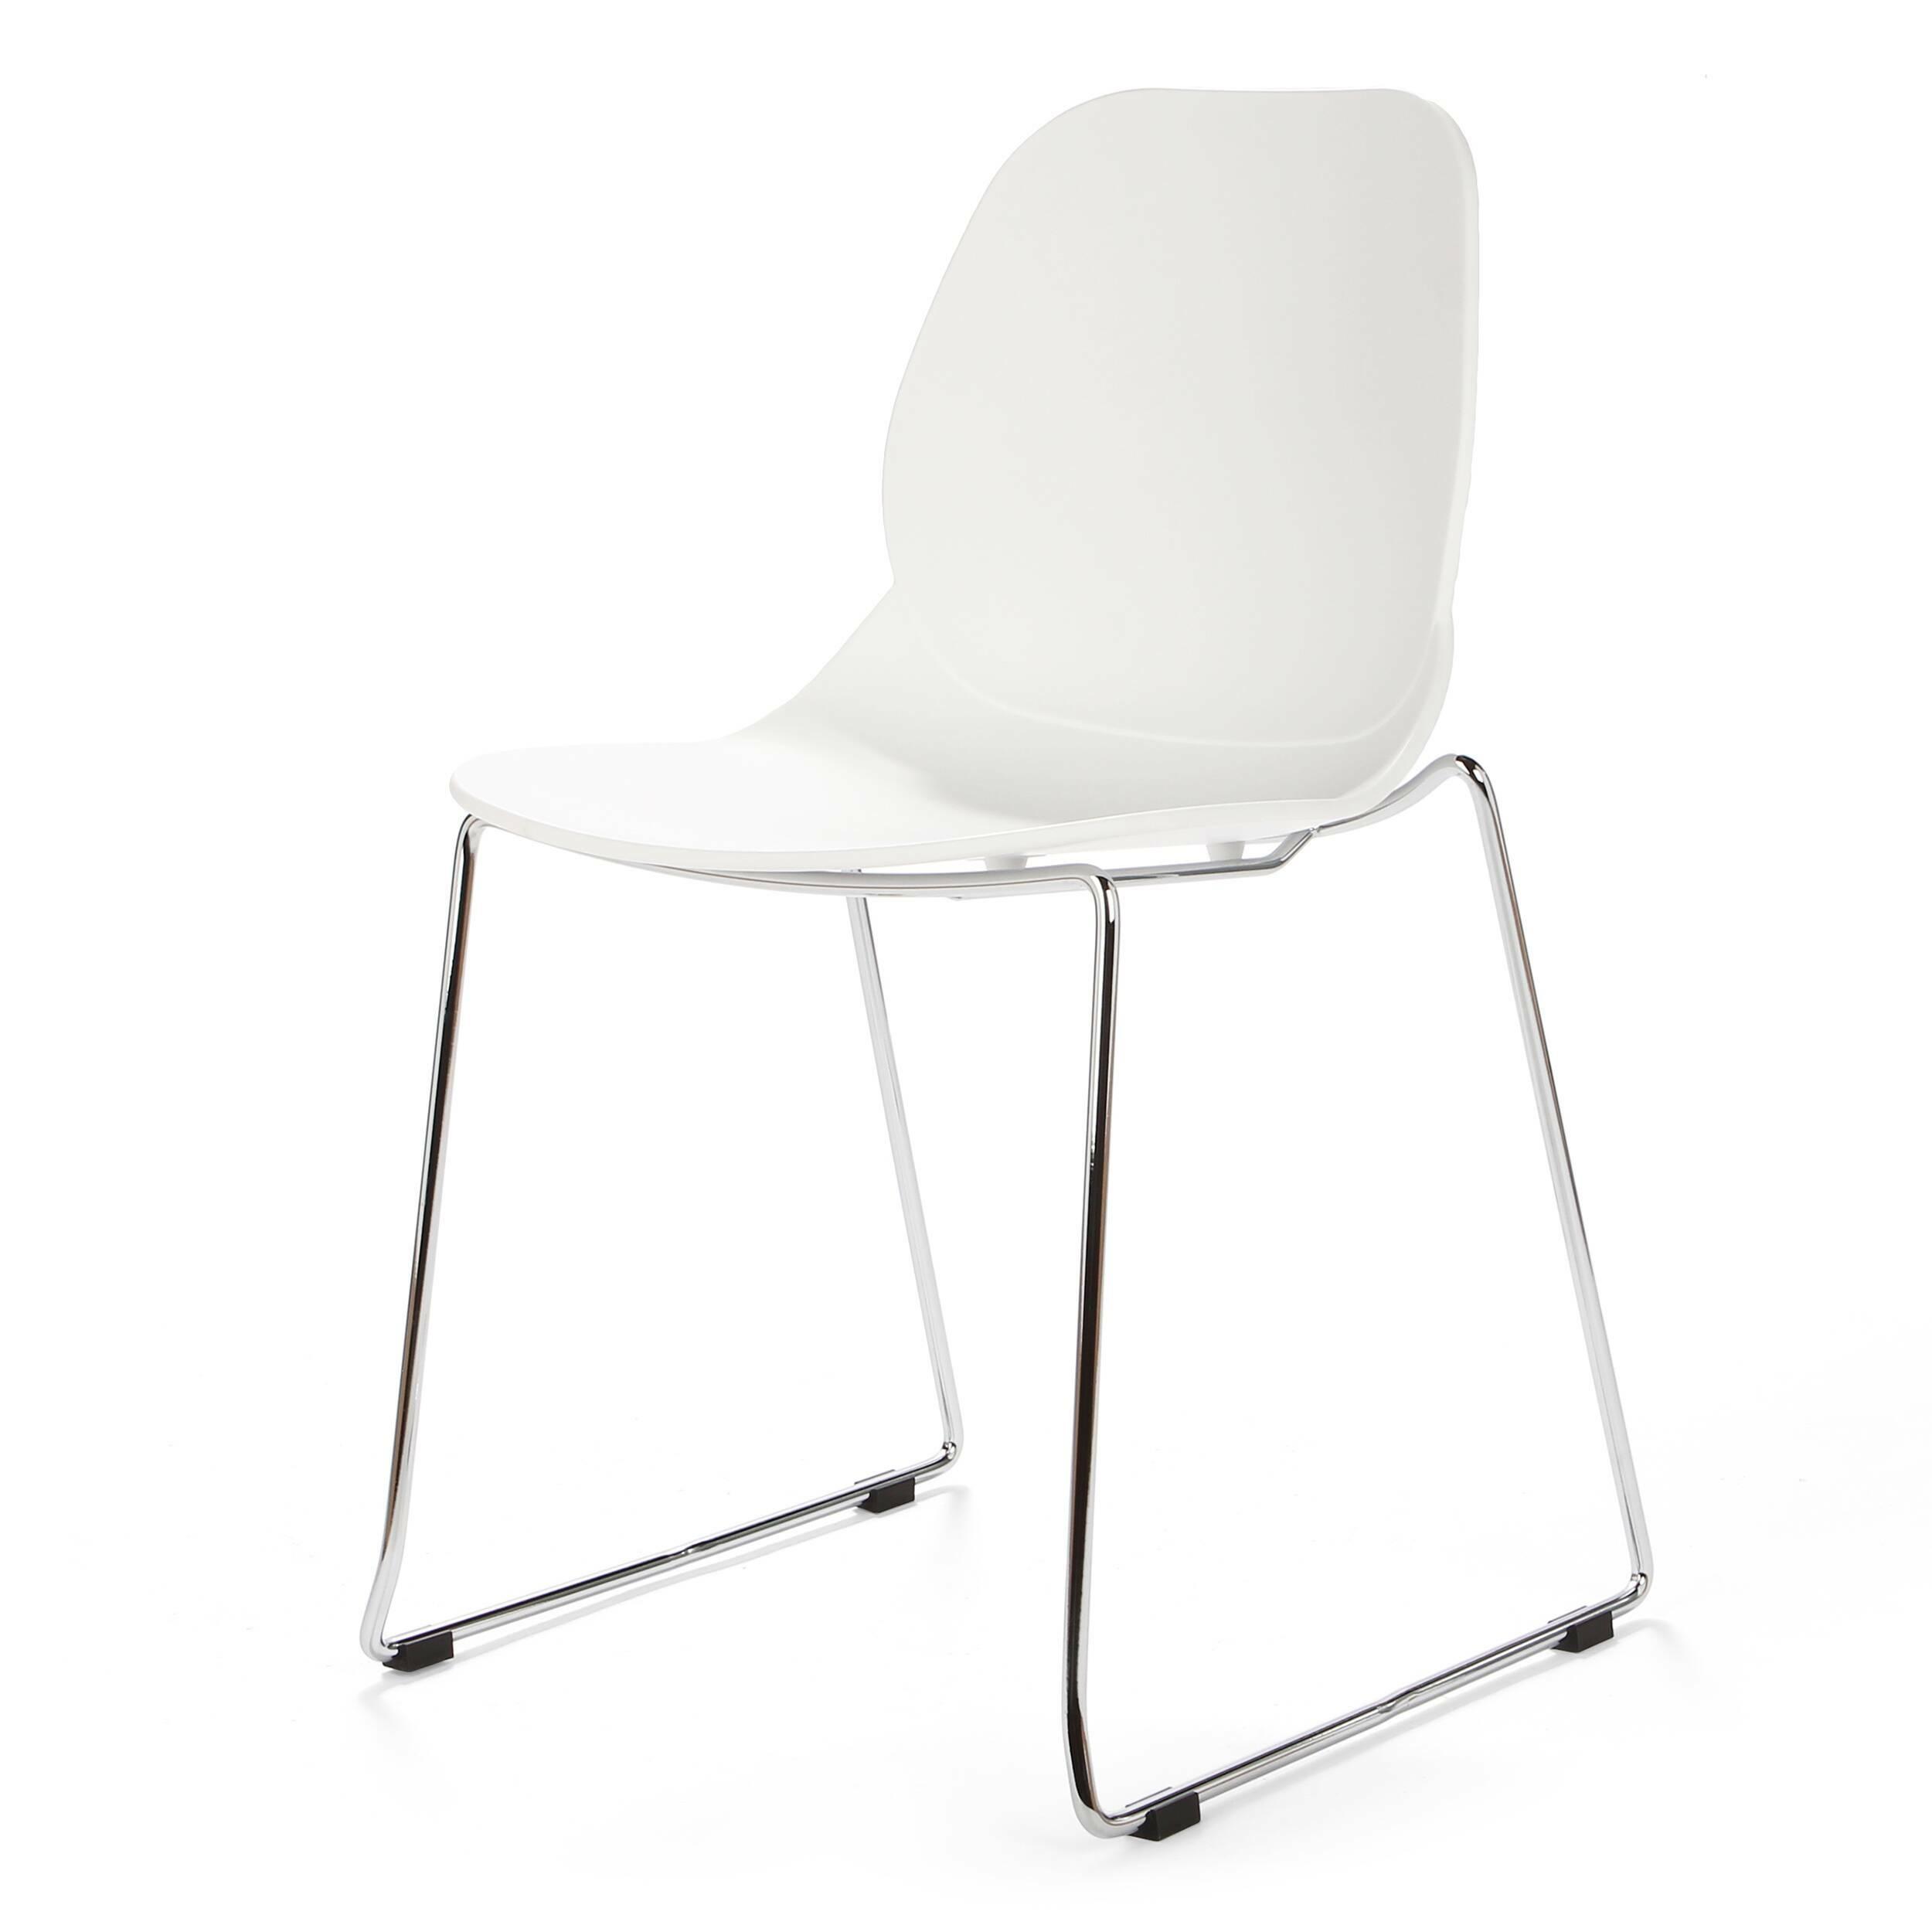 Стул LightweightИнтерьерные<br>Дизайнерский узкий высокий стул Lightweight (Лайтвейт) из пластика без подлокотников на тонких стальных ножках от Cosmo (Космо).<br>Стул Lightweight — это экономичный и стильный вариант мебели для офиса. Сглаженные формы сиденья, спинки и ножек приятны глазу. Сидеть же на нем невероятно комфортно, так как дизайнеры позаботились о своем потребителе, они спроектировали вогнутую спинку стула, благодаря которой отдых приятен и безвреден.<br> <br> Полипропилен, из которого выполнено сиденье, славится св...<br><br>stock: 0<br>Высота: 82,5<br>Ширина: 54<br>Глубина: 49,5<br>Цвет ножек: Хром<br>Цвет сидения: Белый<br>Тип материала сидения: Полипропилен<br>Тип материала ножек: Сталь нержавеющая